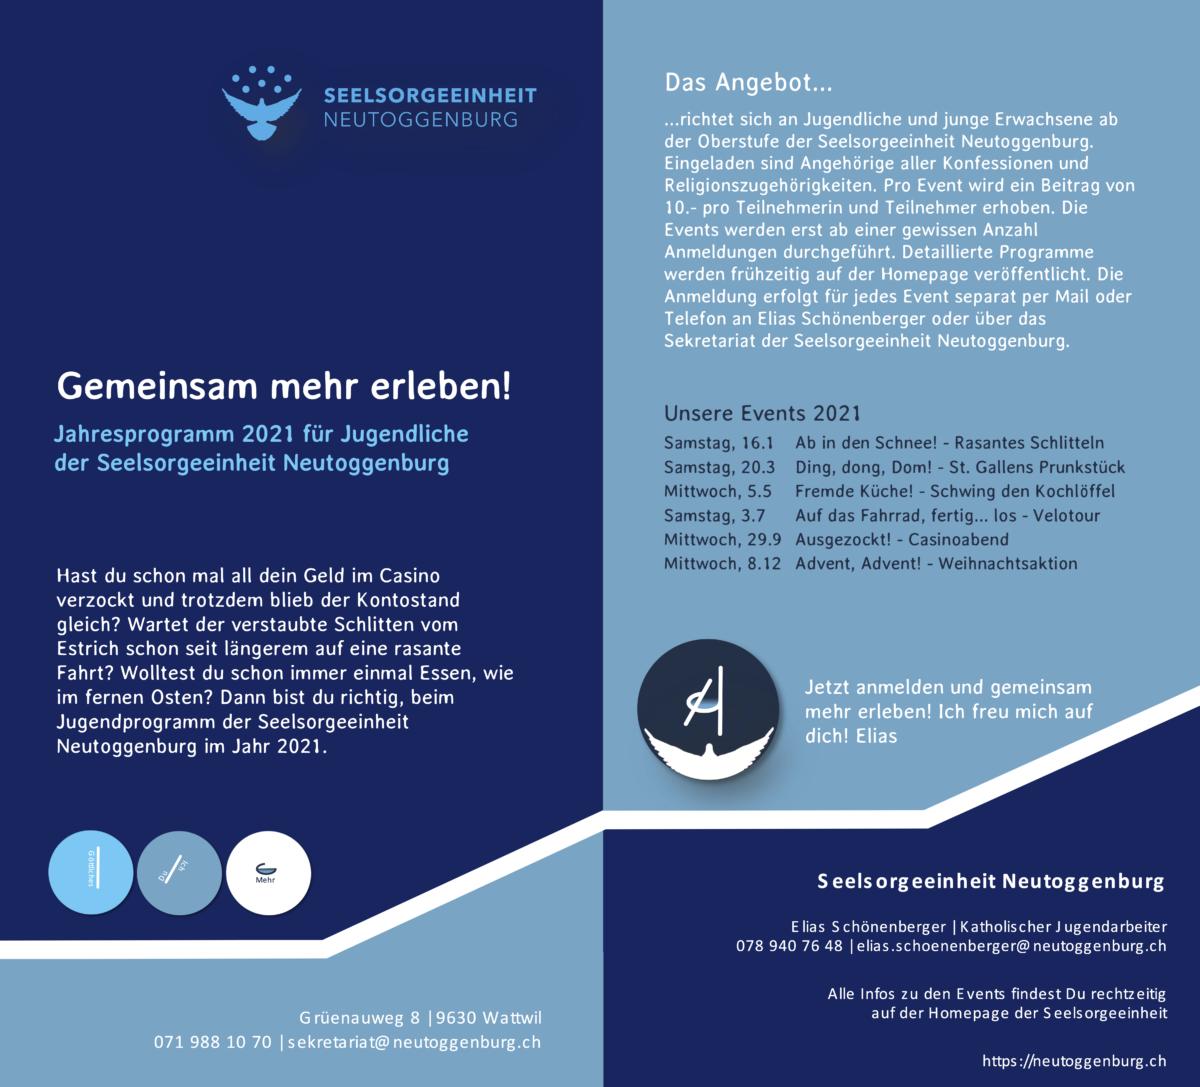 https://neutoggenburg.ch/wp-content/uploads/2020/12/Flyer-Jahresprogramm-2021.png